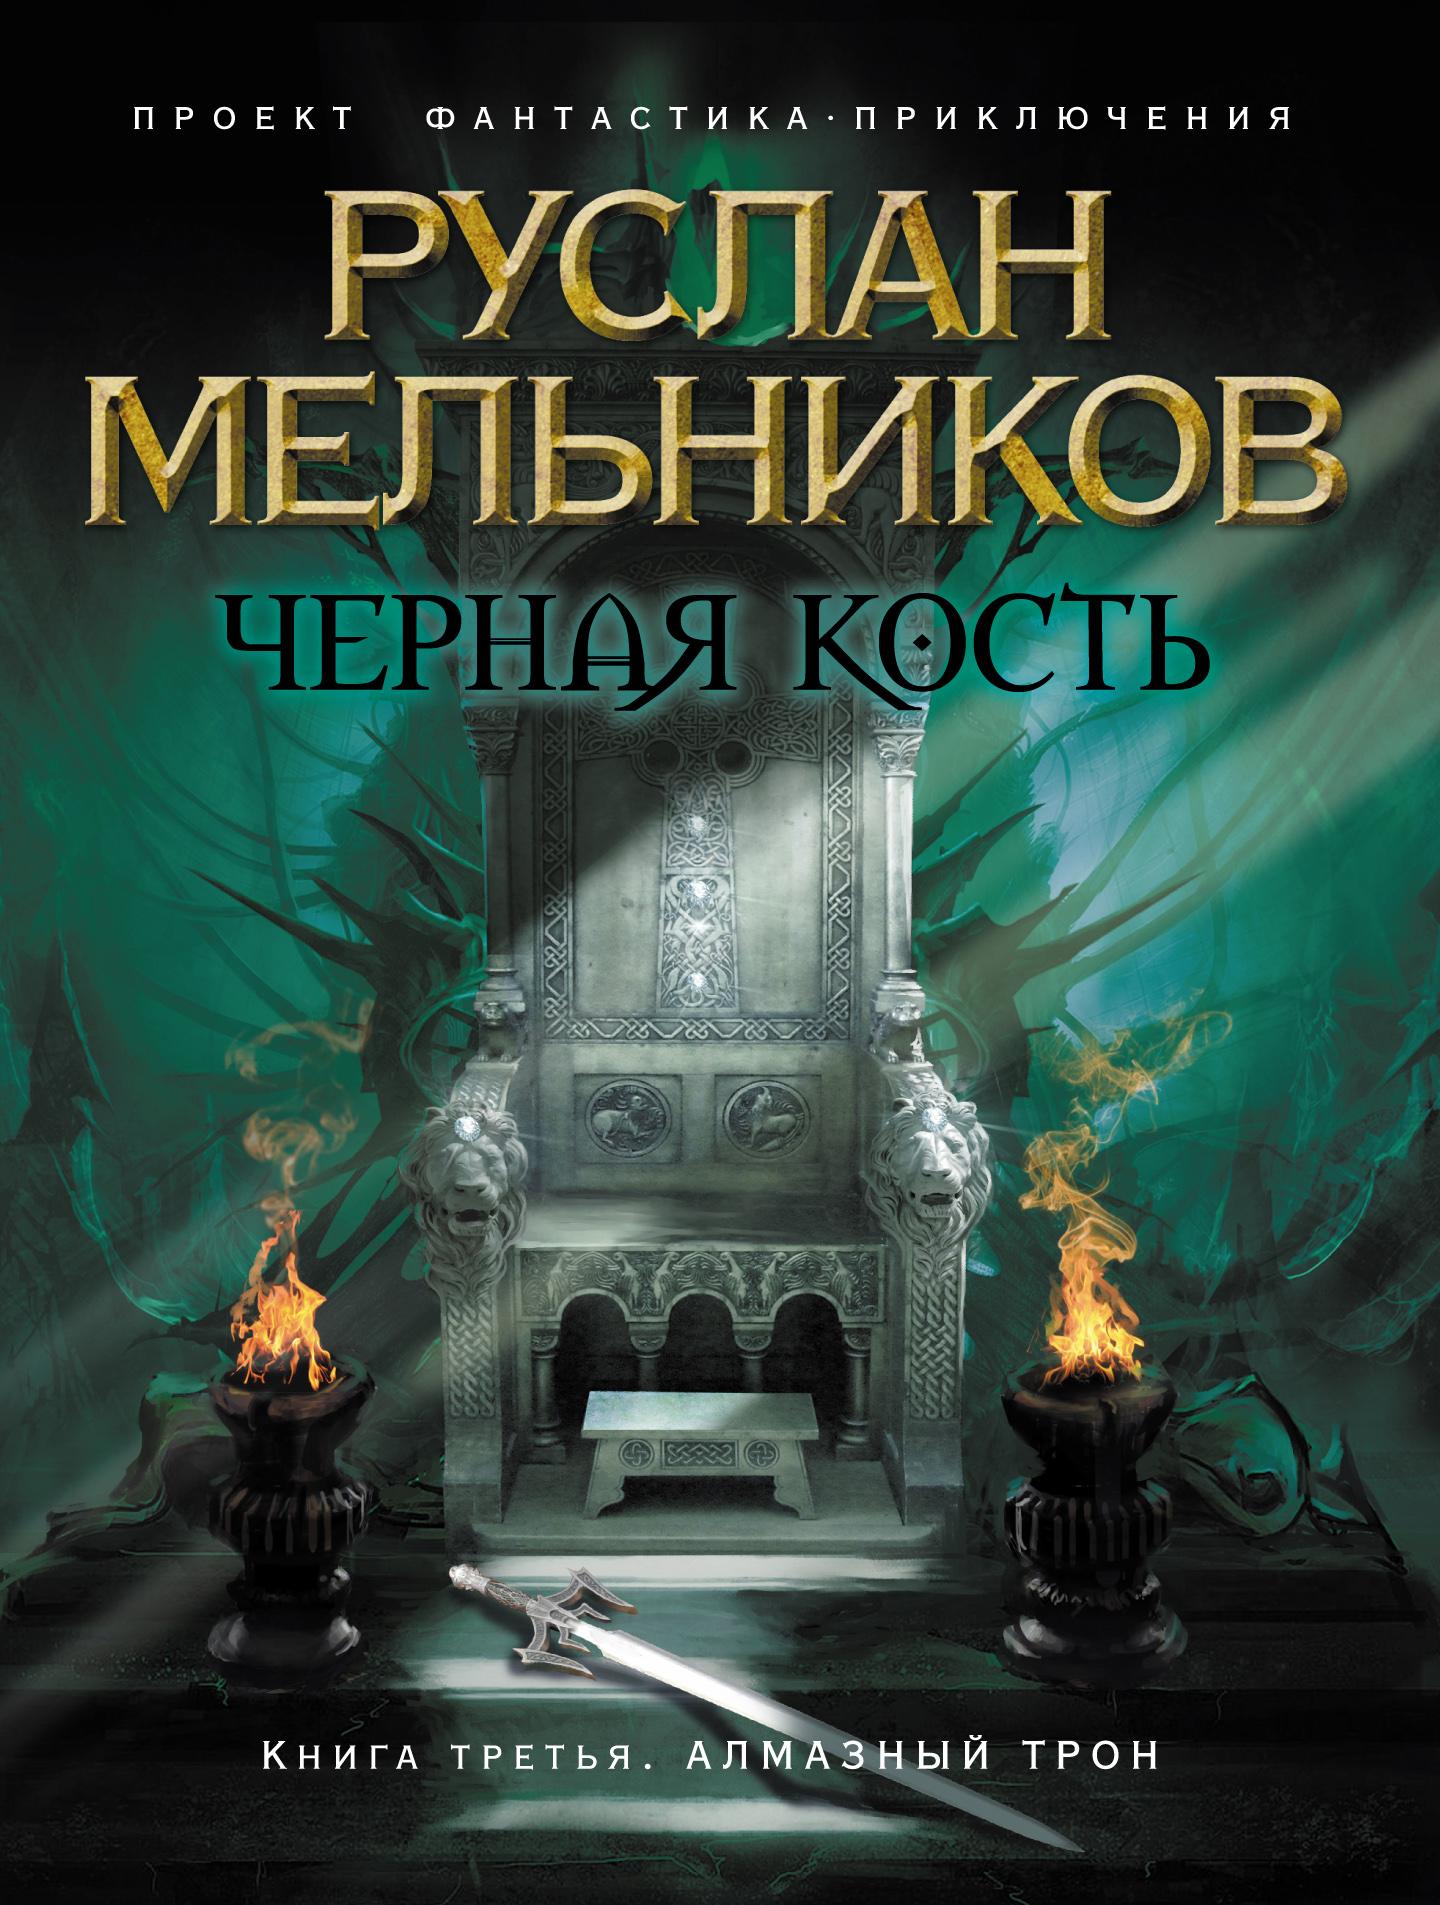 Руслан Мельников Алмазный трон руслан мельников алмазный трон